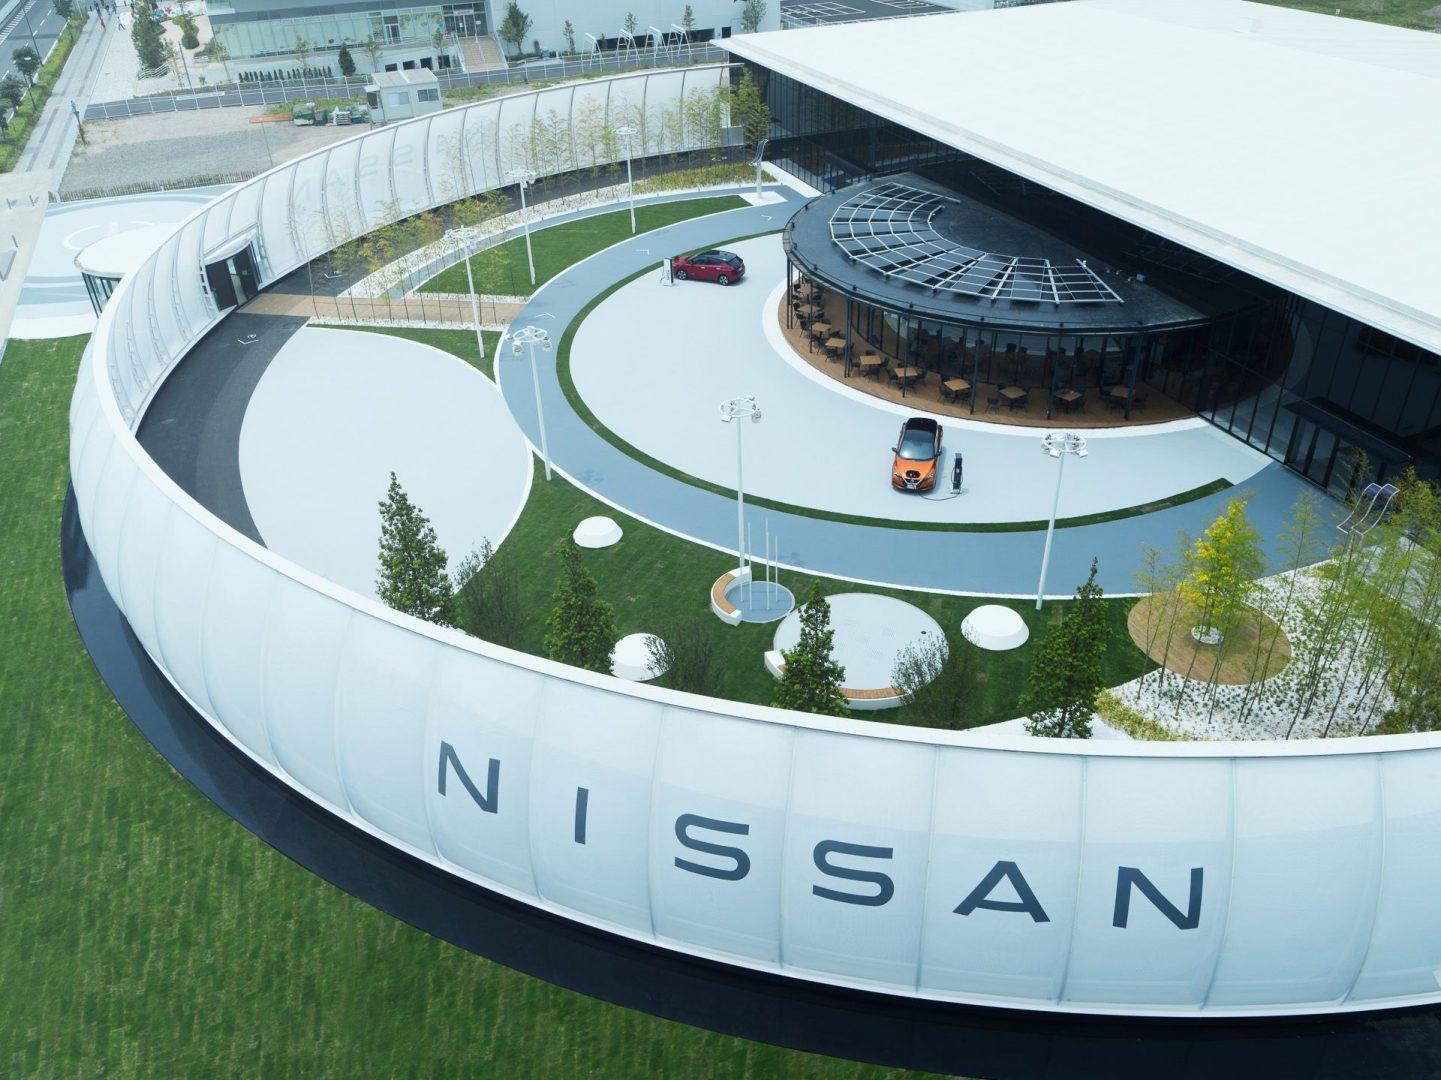 Platite parking strujom pri posjetu novom Nissan Paviljonu